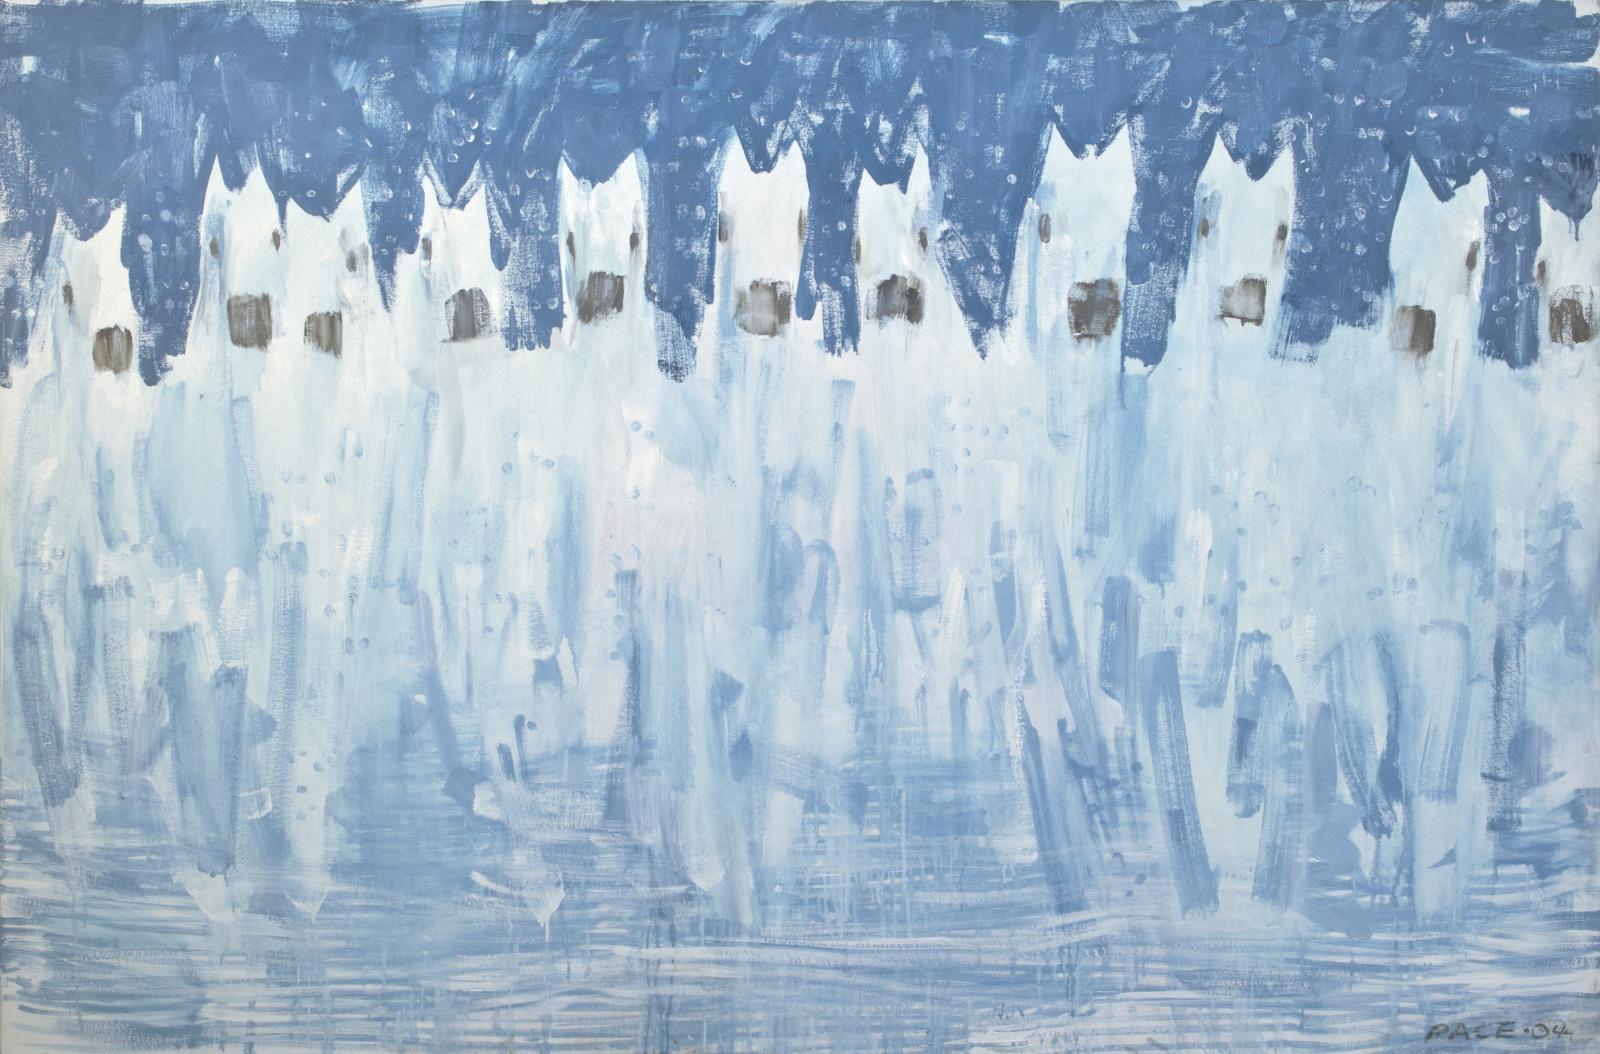 Eleven White Horses